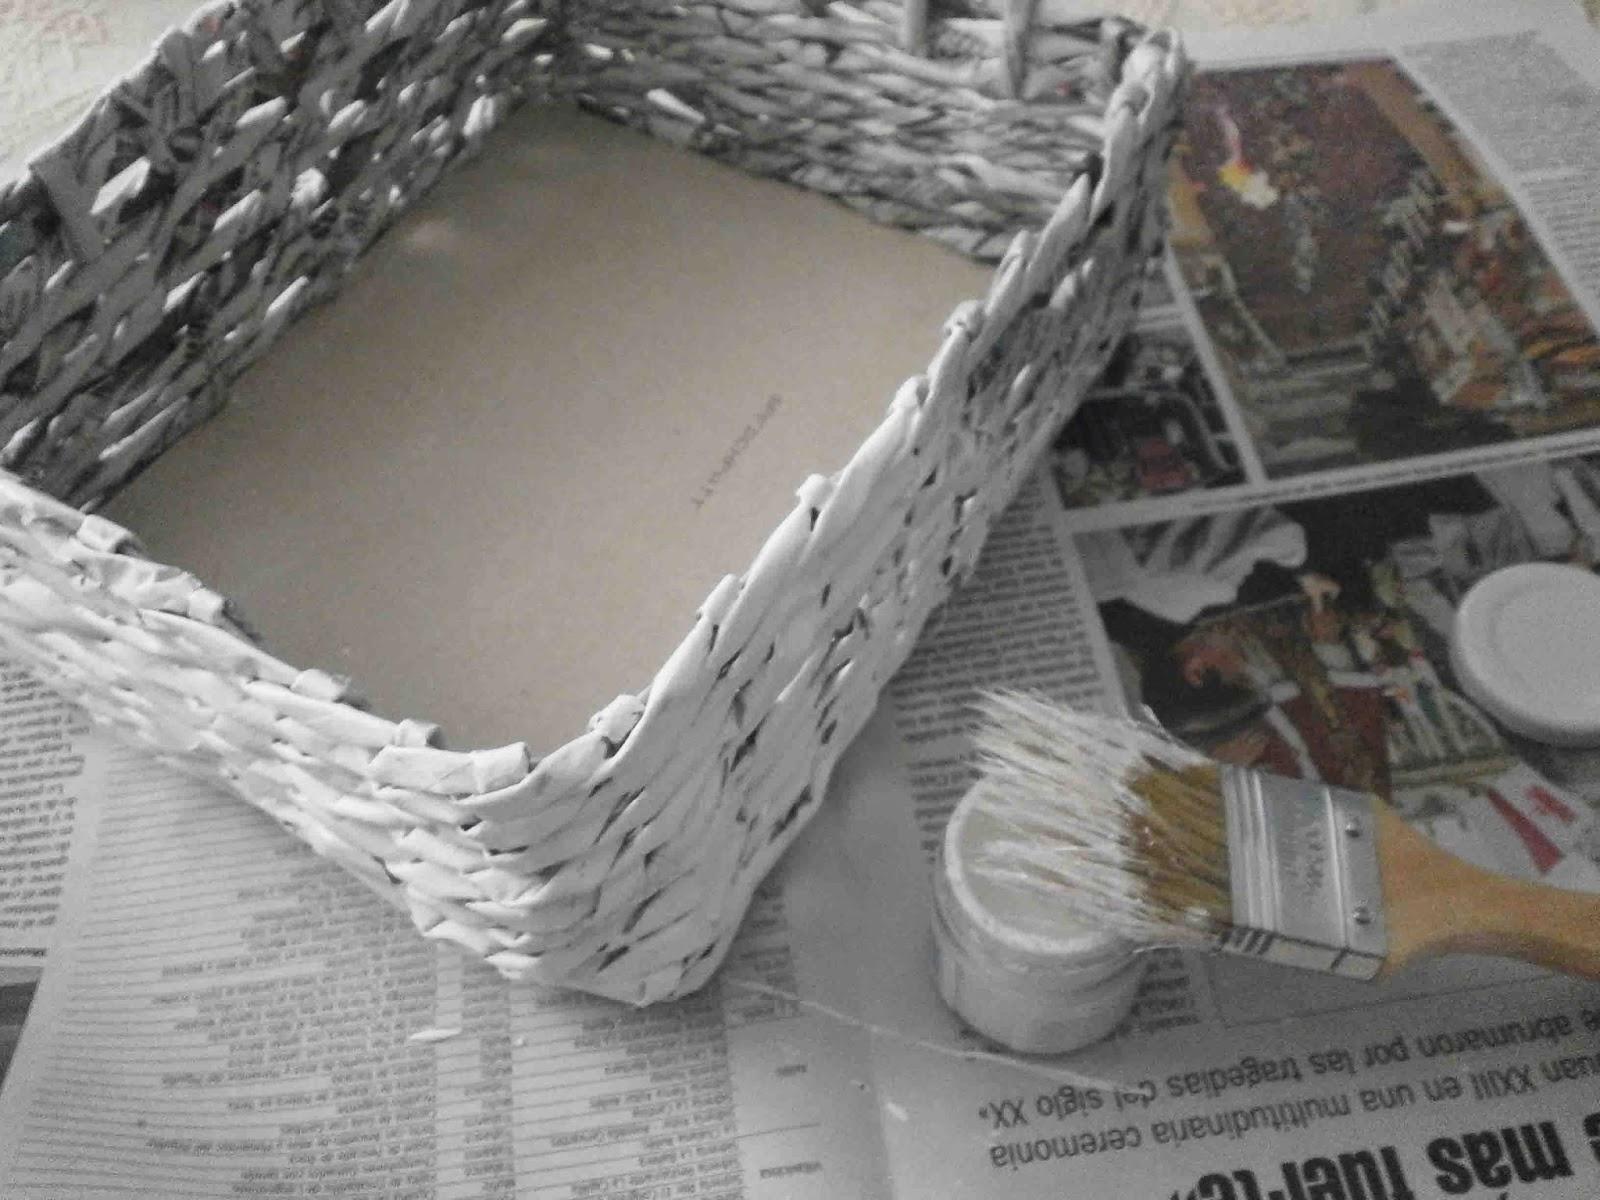 Manualidades herme diy como hacer una cesta de papel de - Decorar cestas de mimbre paso a paso ...